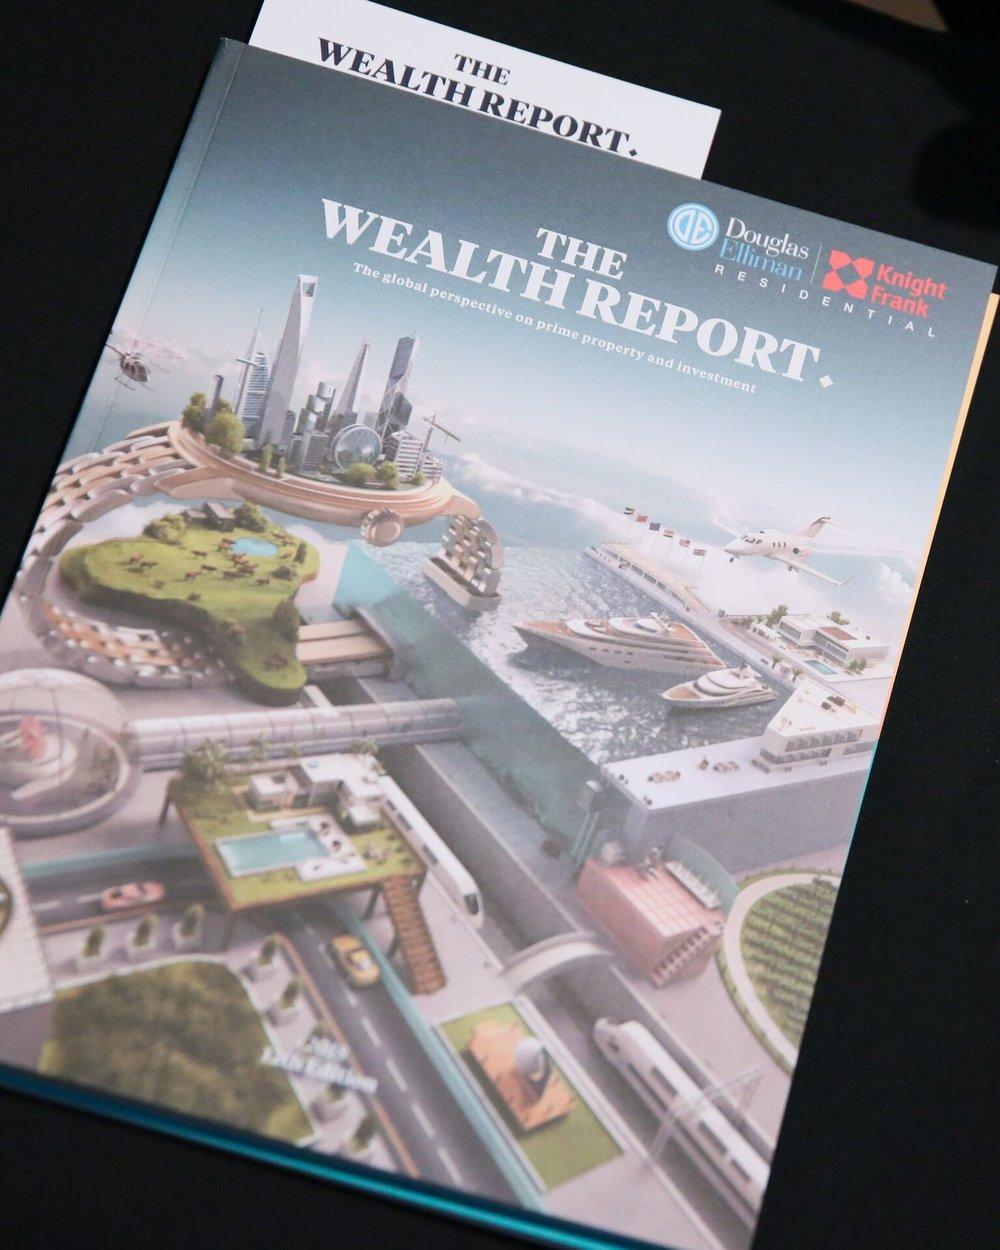 2018 Wealth Report